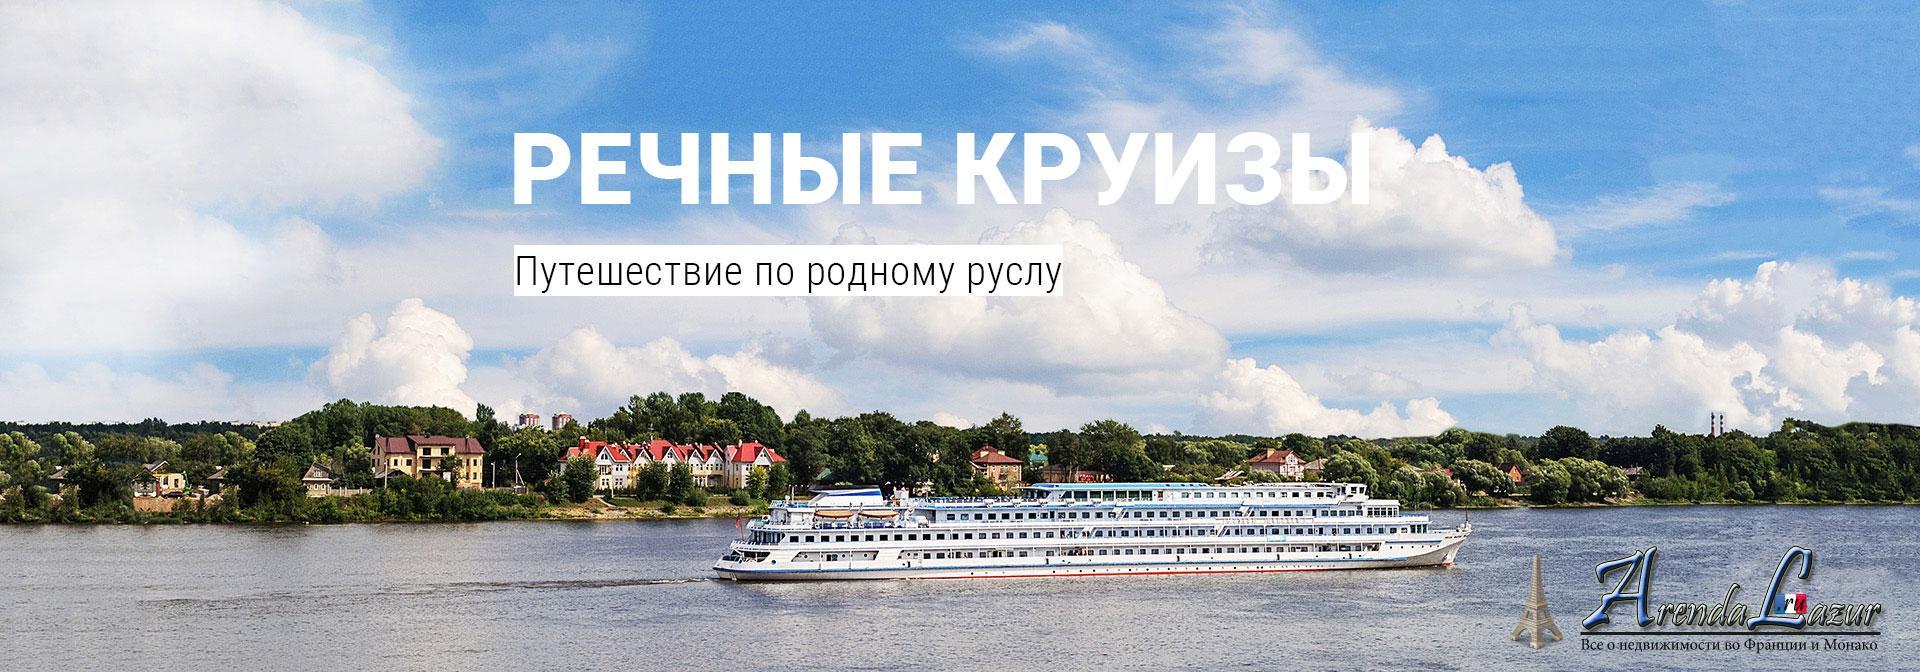 Круизы по волге, речные круизы, круизы по рекам, круизы по России